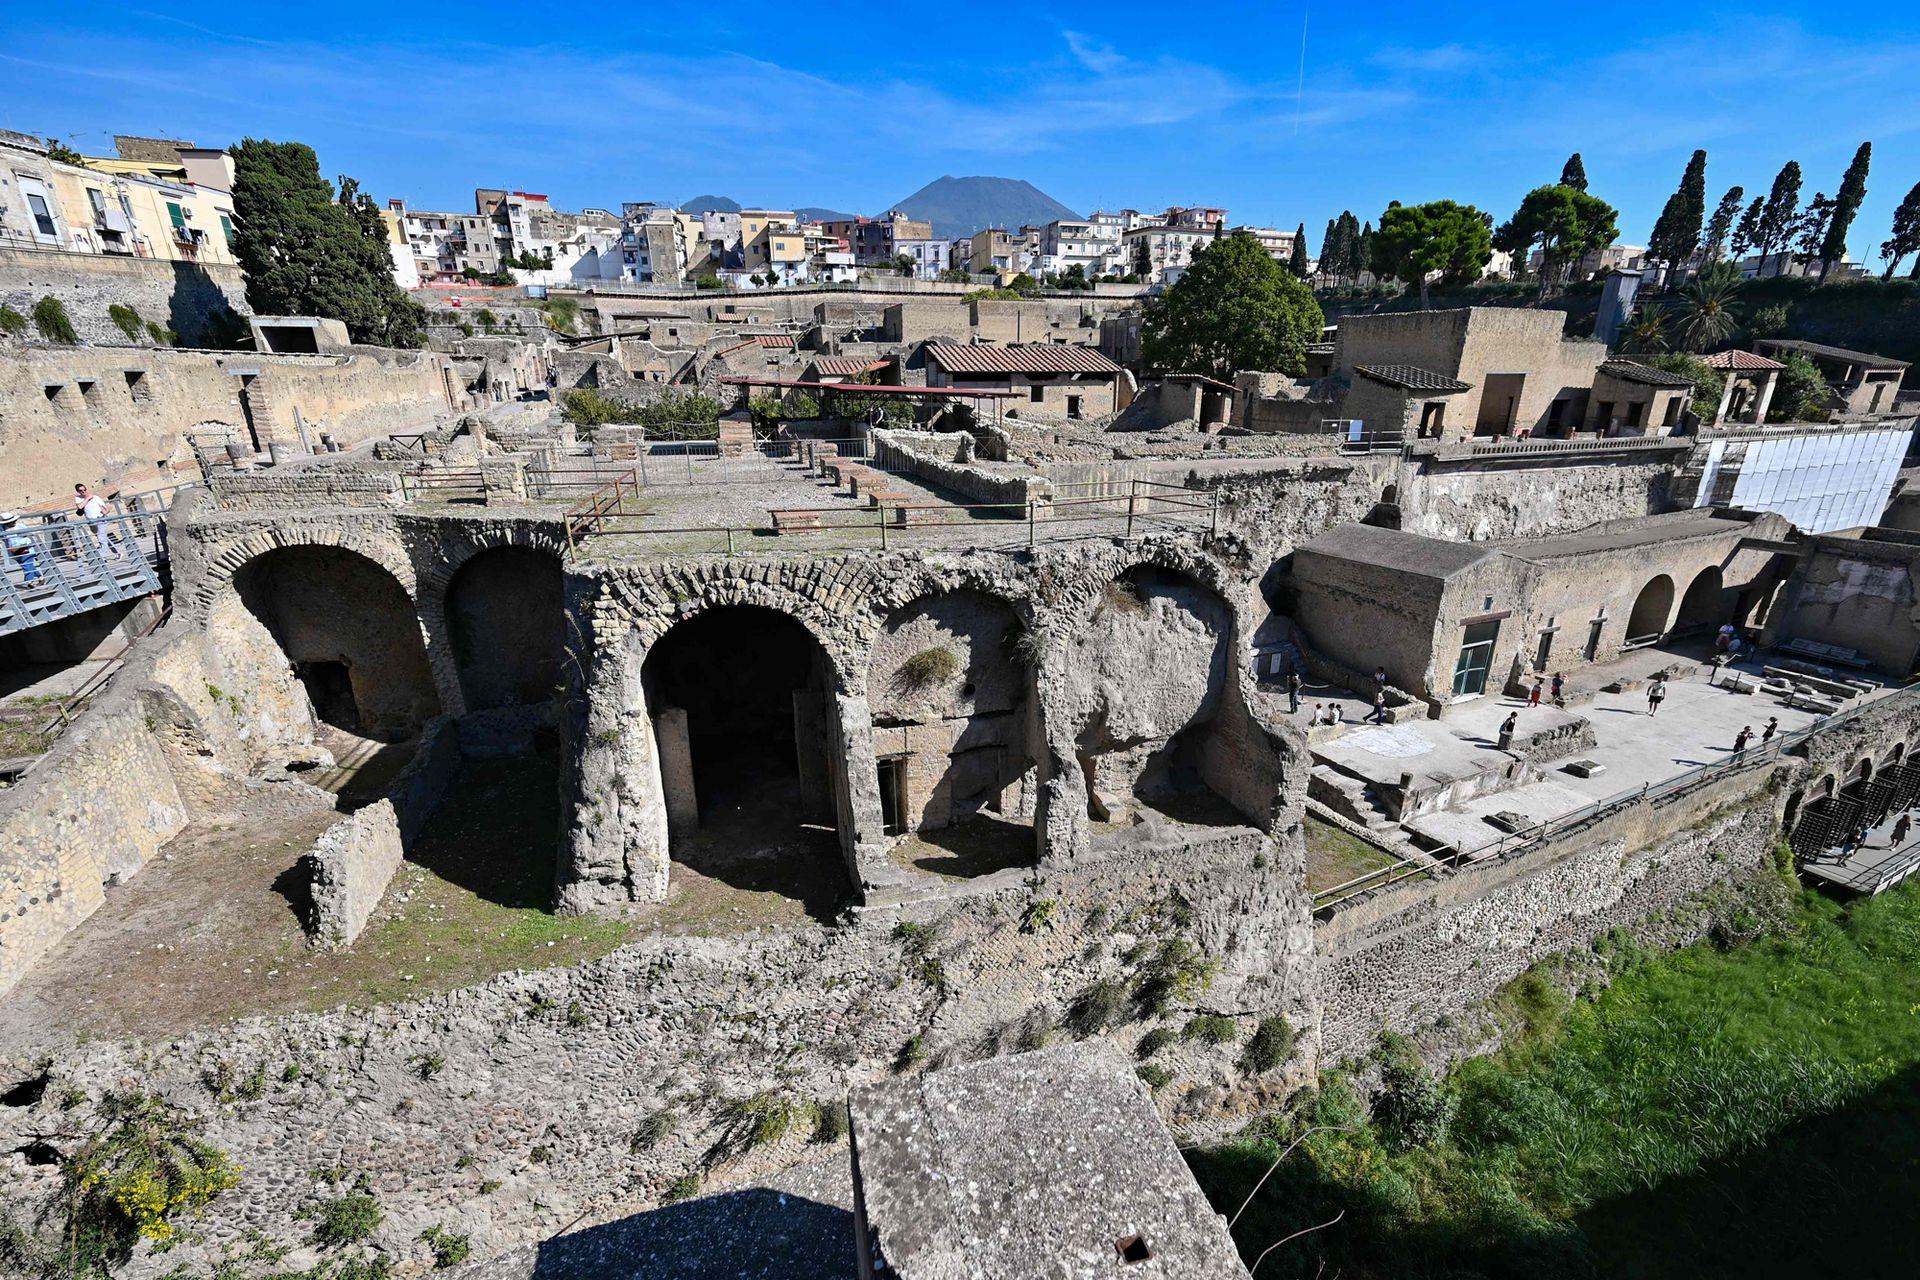 Una vista general muestra el sitio arqueológico de Herculano en Ercolano, cerca de Nápoles, con el volcán Monte Vesubio al fondo